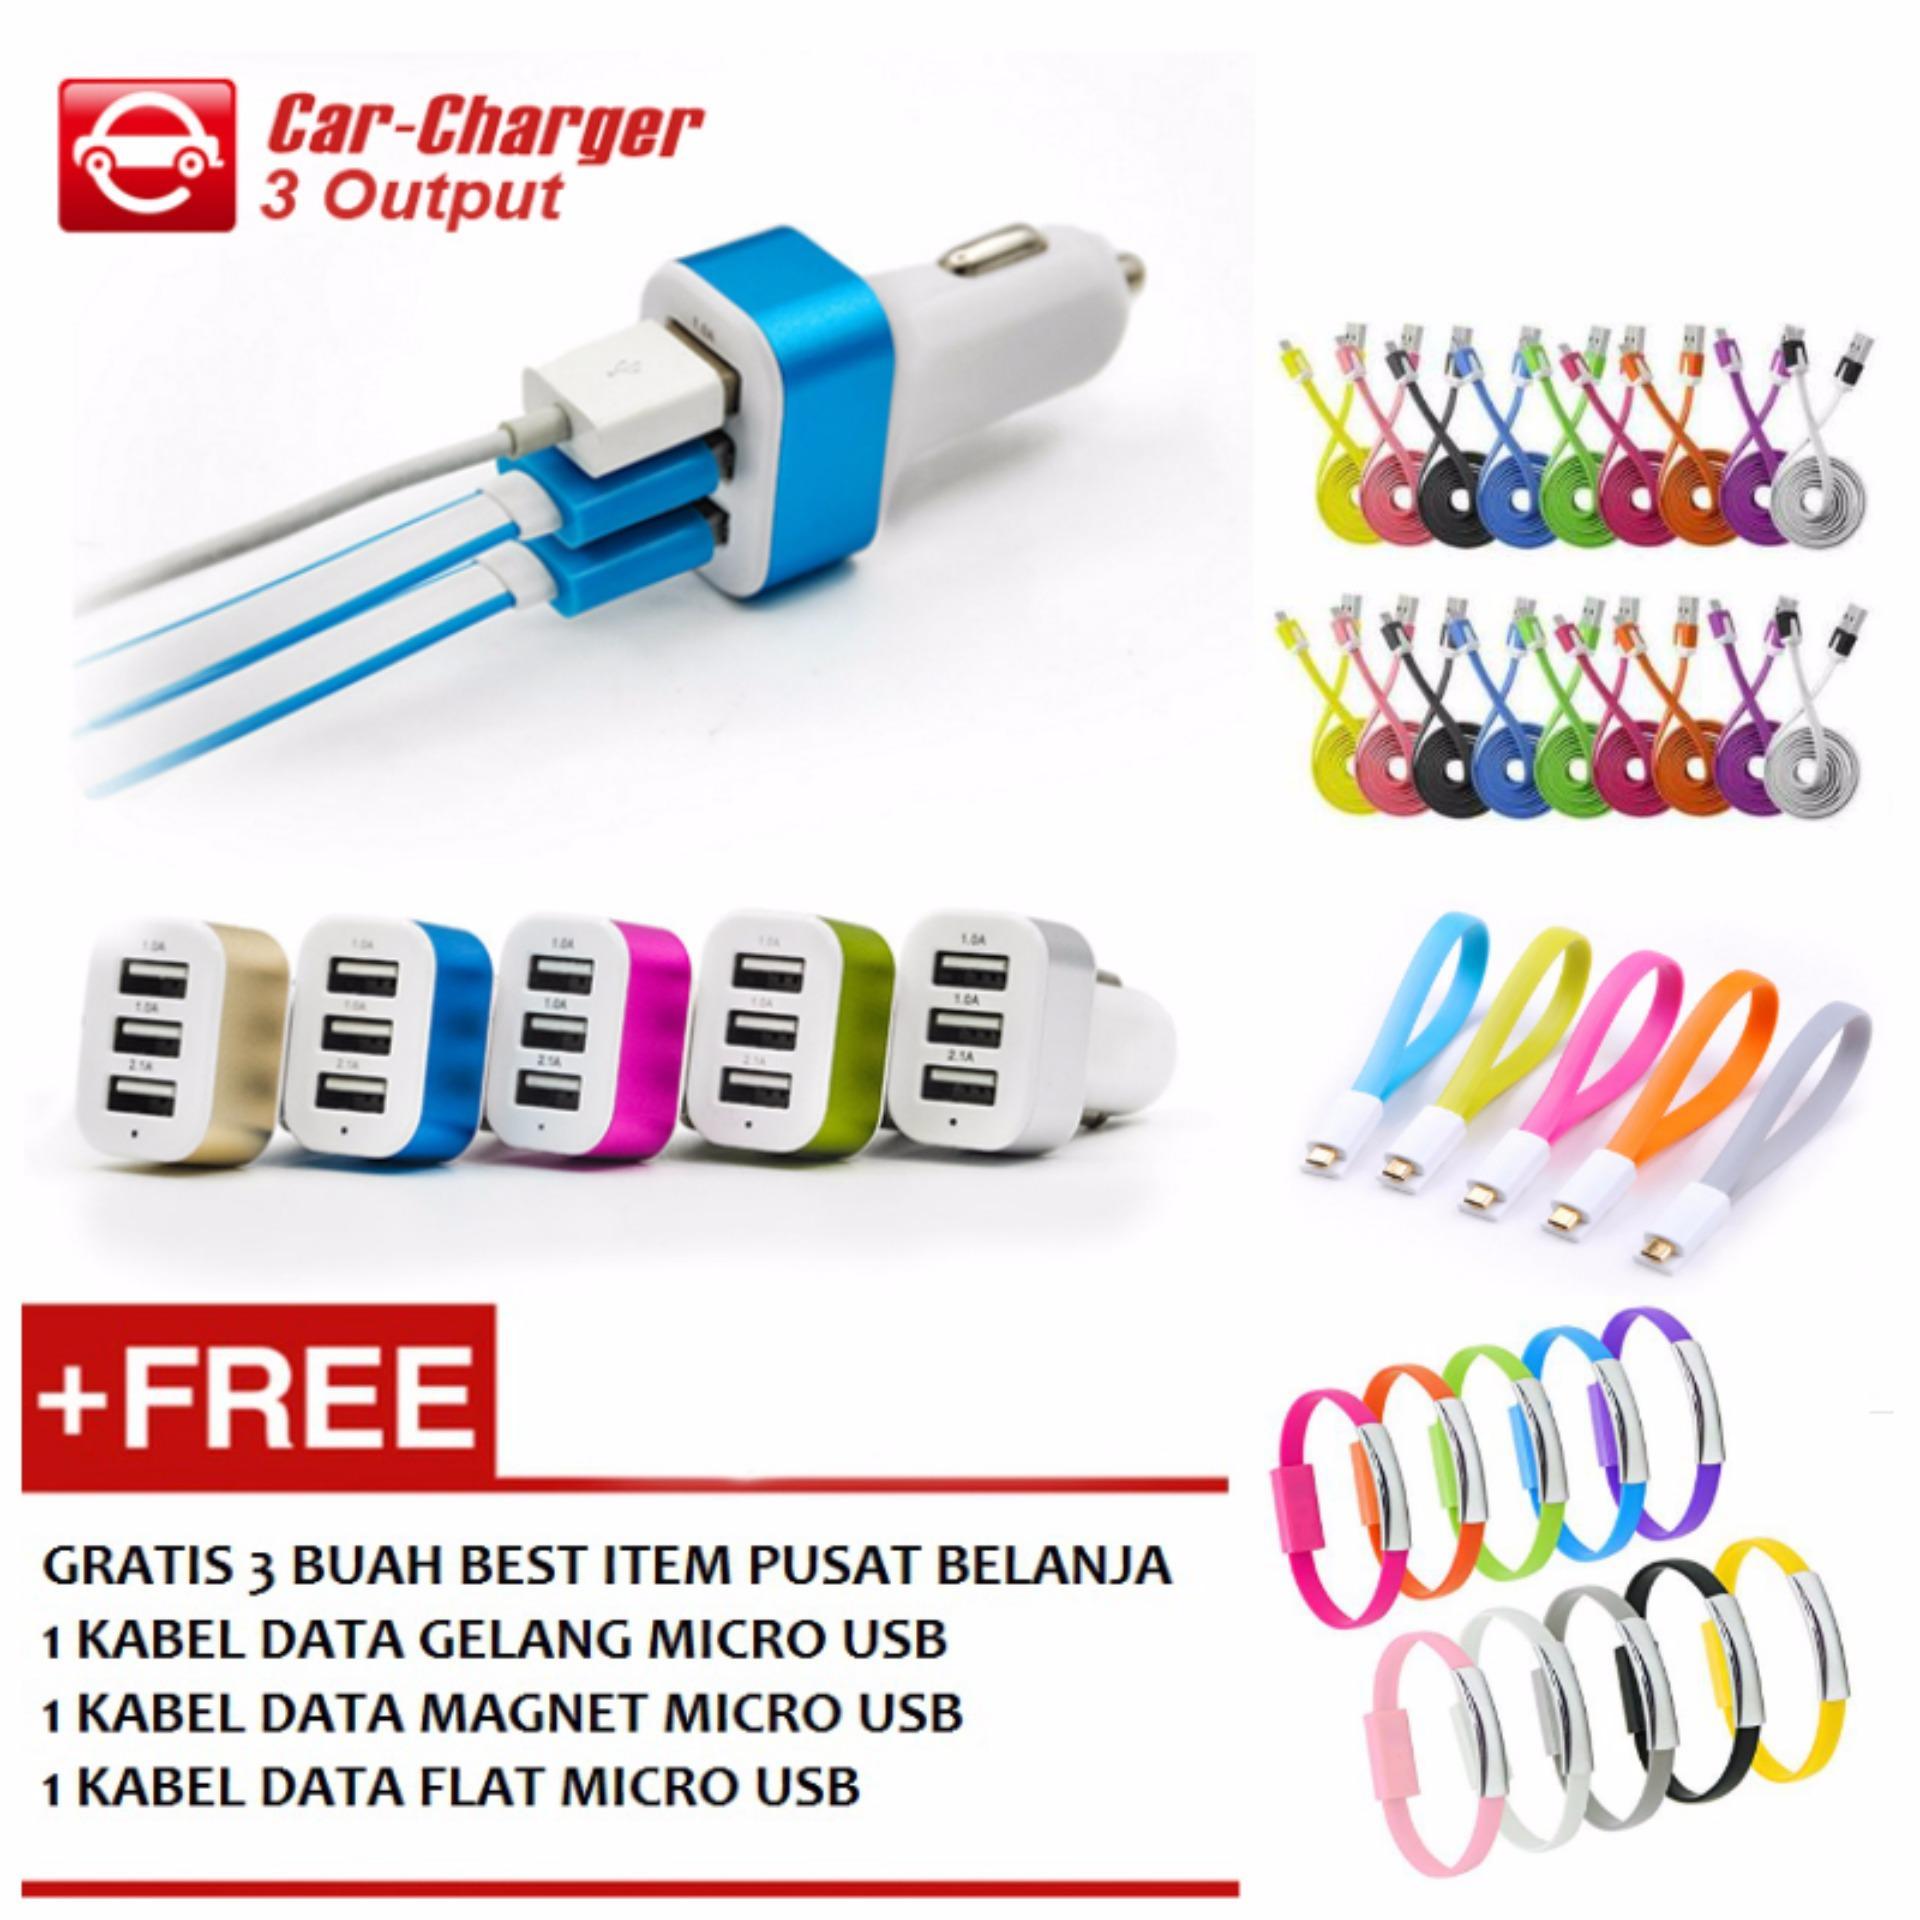 Car Charger 5.1A 3 Port Charger Mobil + Gratis 1 Buah Kabel .